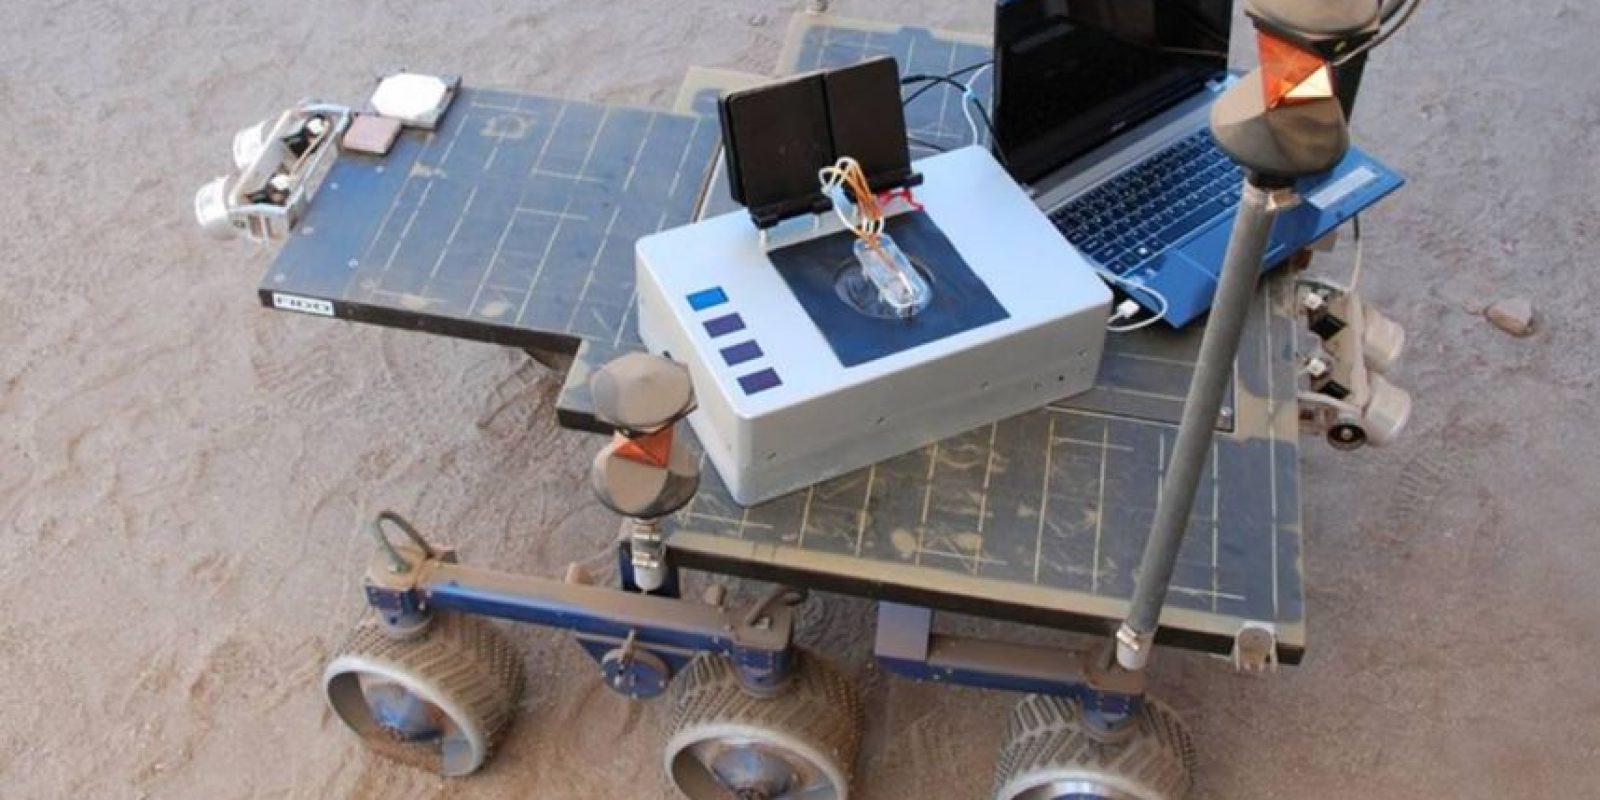 Esperan poder enviarla a Marte. Foto:Vía Nasa.gov